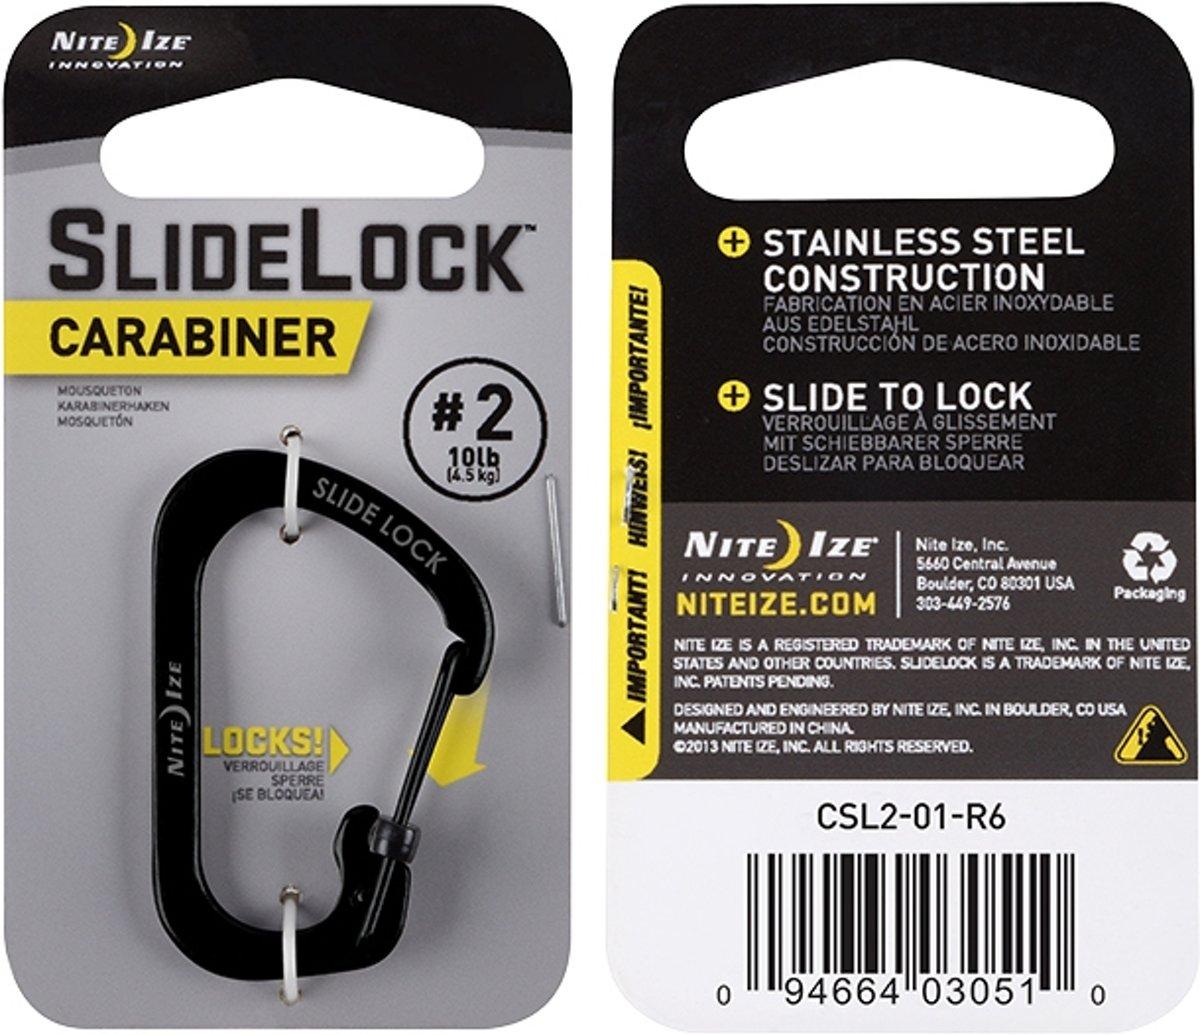 NITE IZE SlideLock Carabiner #2 - Black